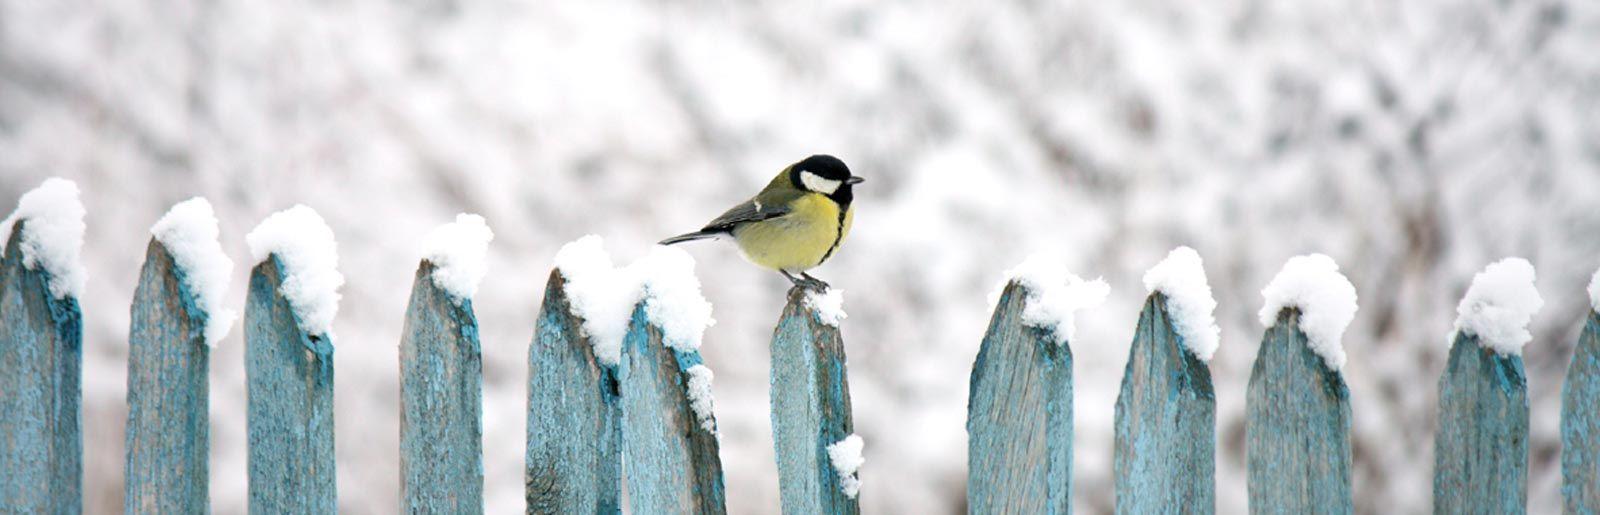 uccellino-sopra-staccionata-con-neve